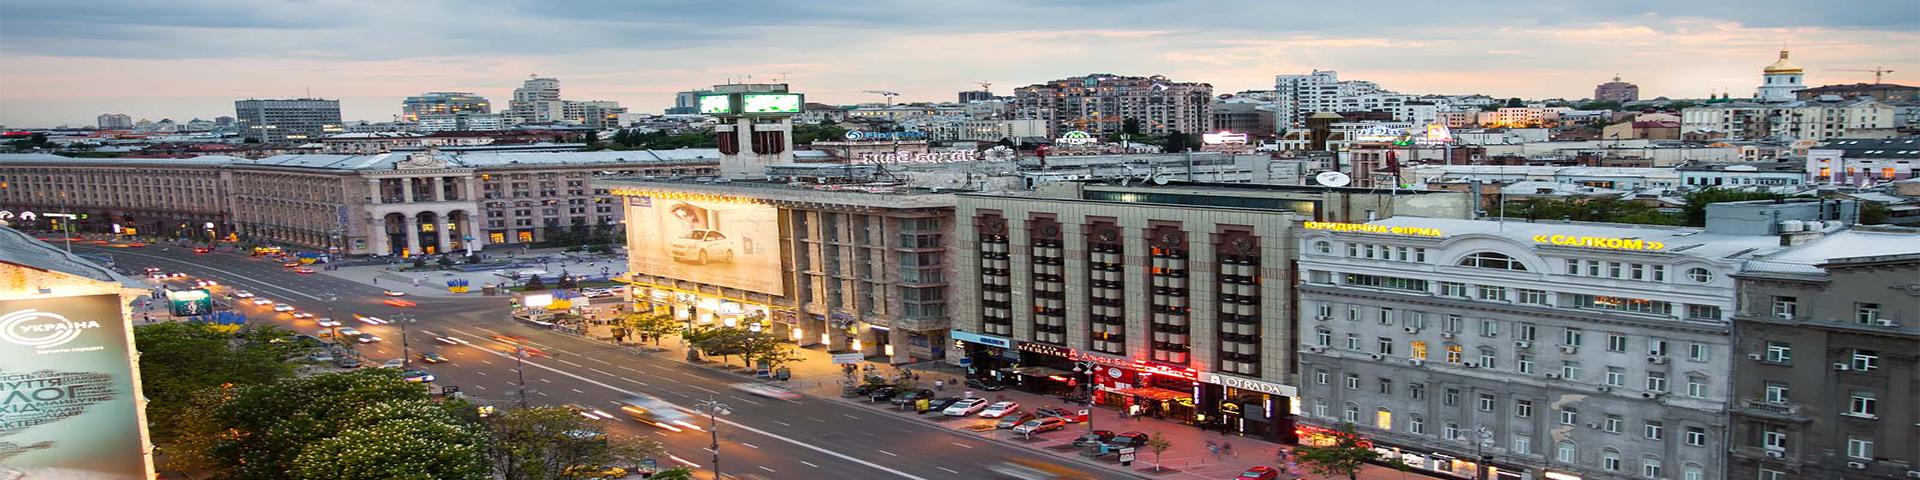 نمای هتل خرشاتیک کی یف